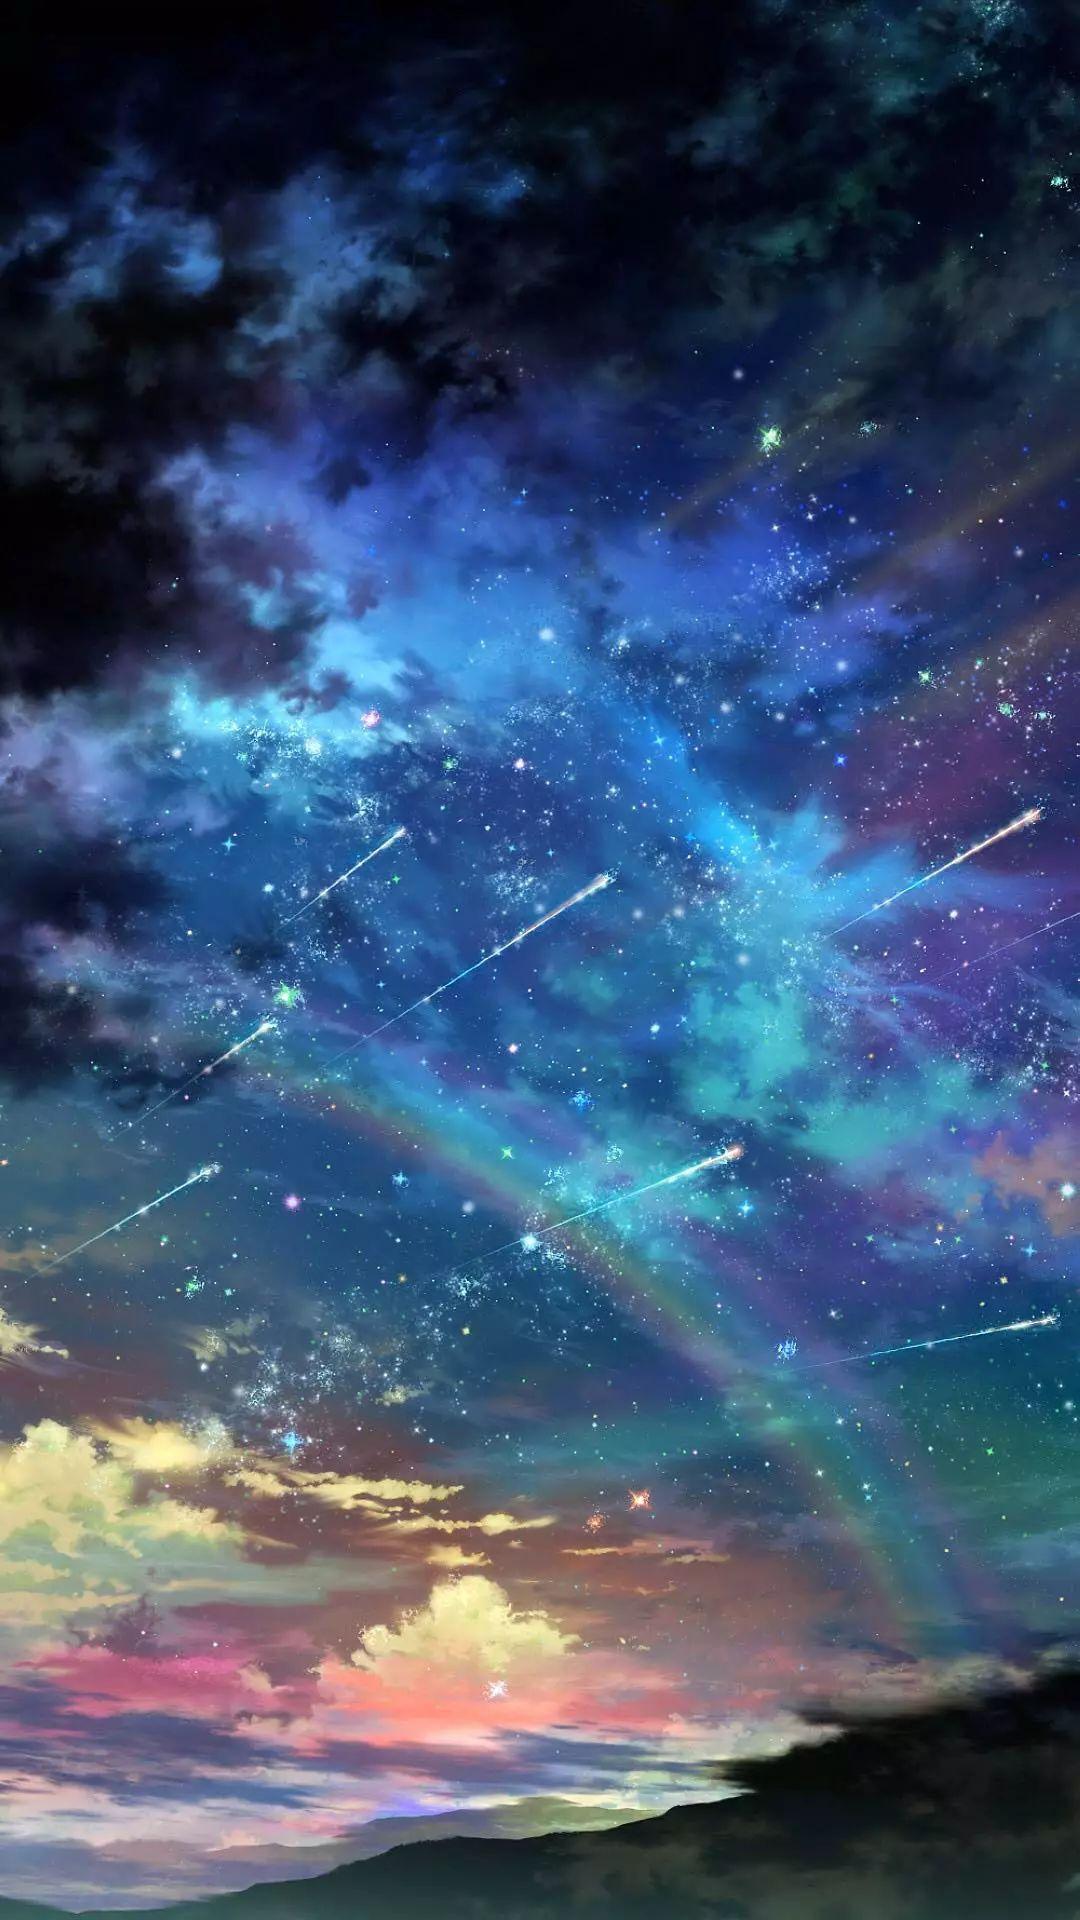 星空壁纸梦幻少女 风景梦幻星空壁纸 梦幻星空 紫色梦幻星空 www 图片